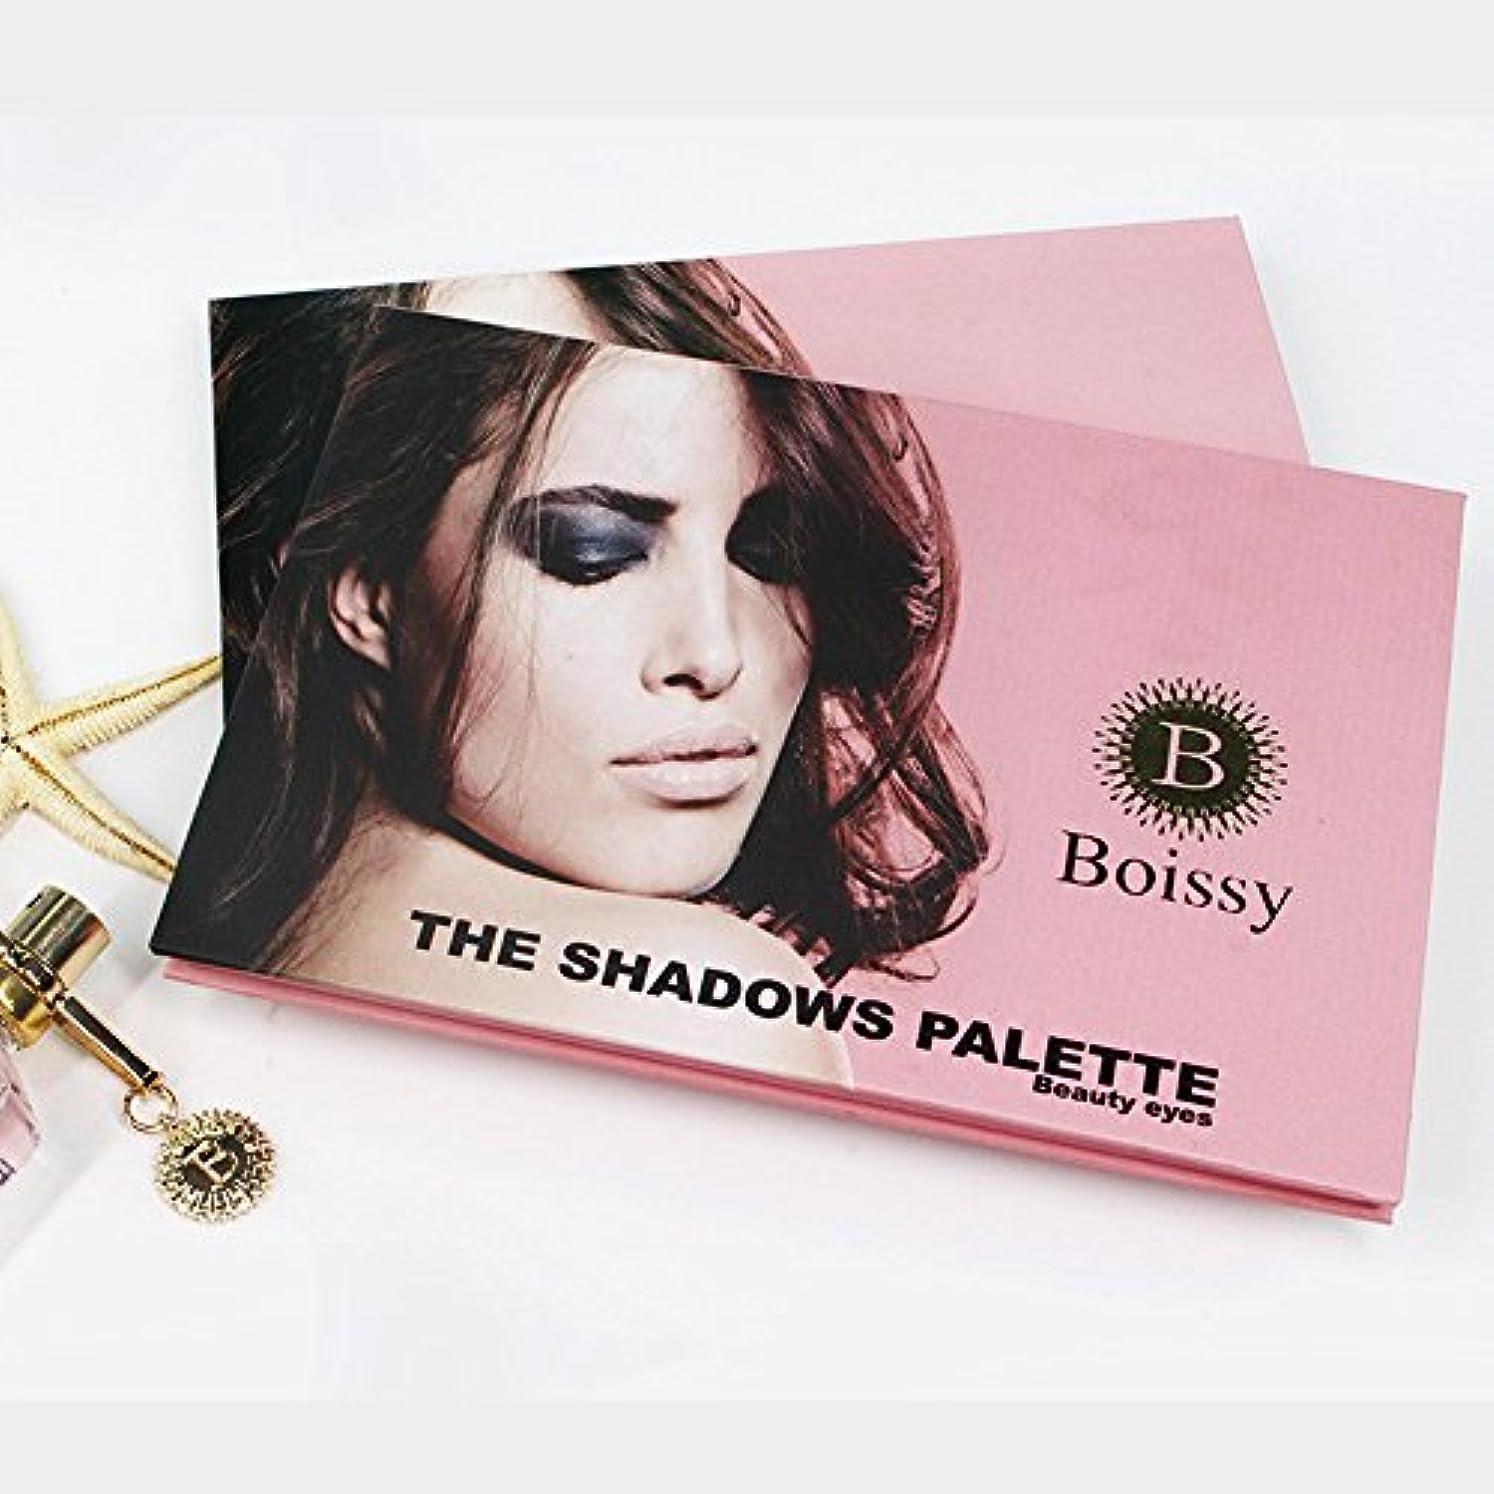 挑むラフ睡眠写真を描くAkane アイシャドウパレット BOISSY ファッション 可愛い 魅力的 キラキラ 人気 ピンク 綺麗 長持ち おしゃれ 防水 チャーム 日常 持ち便利 Eye Shadow (24色)